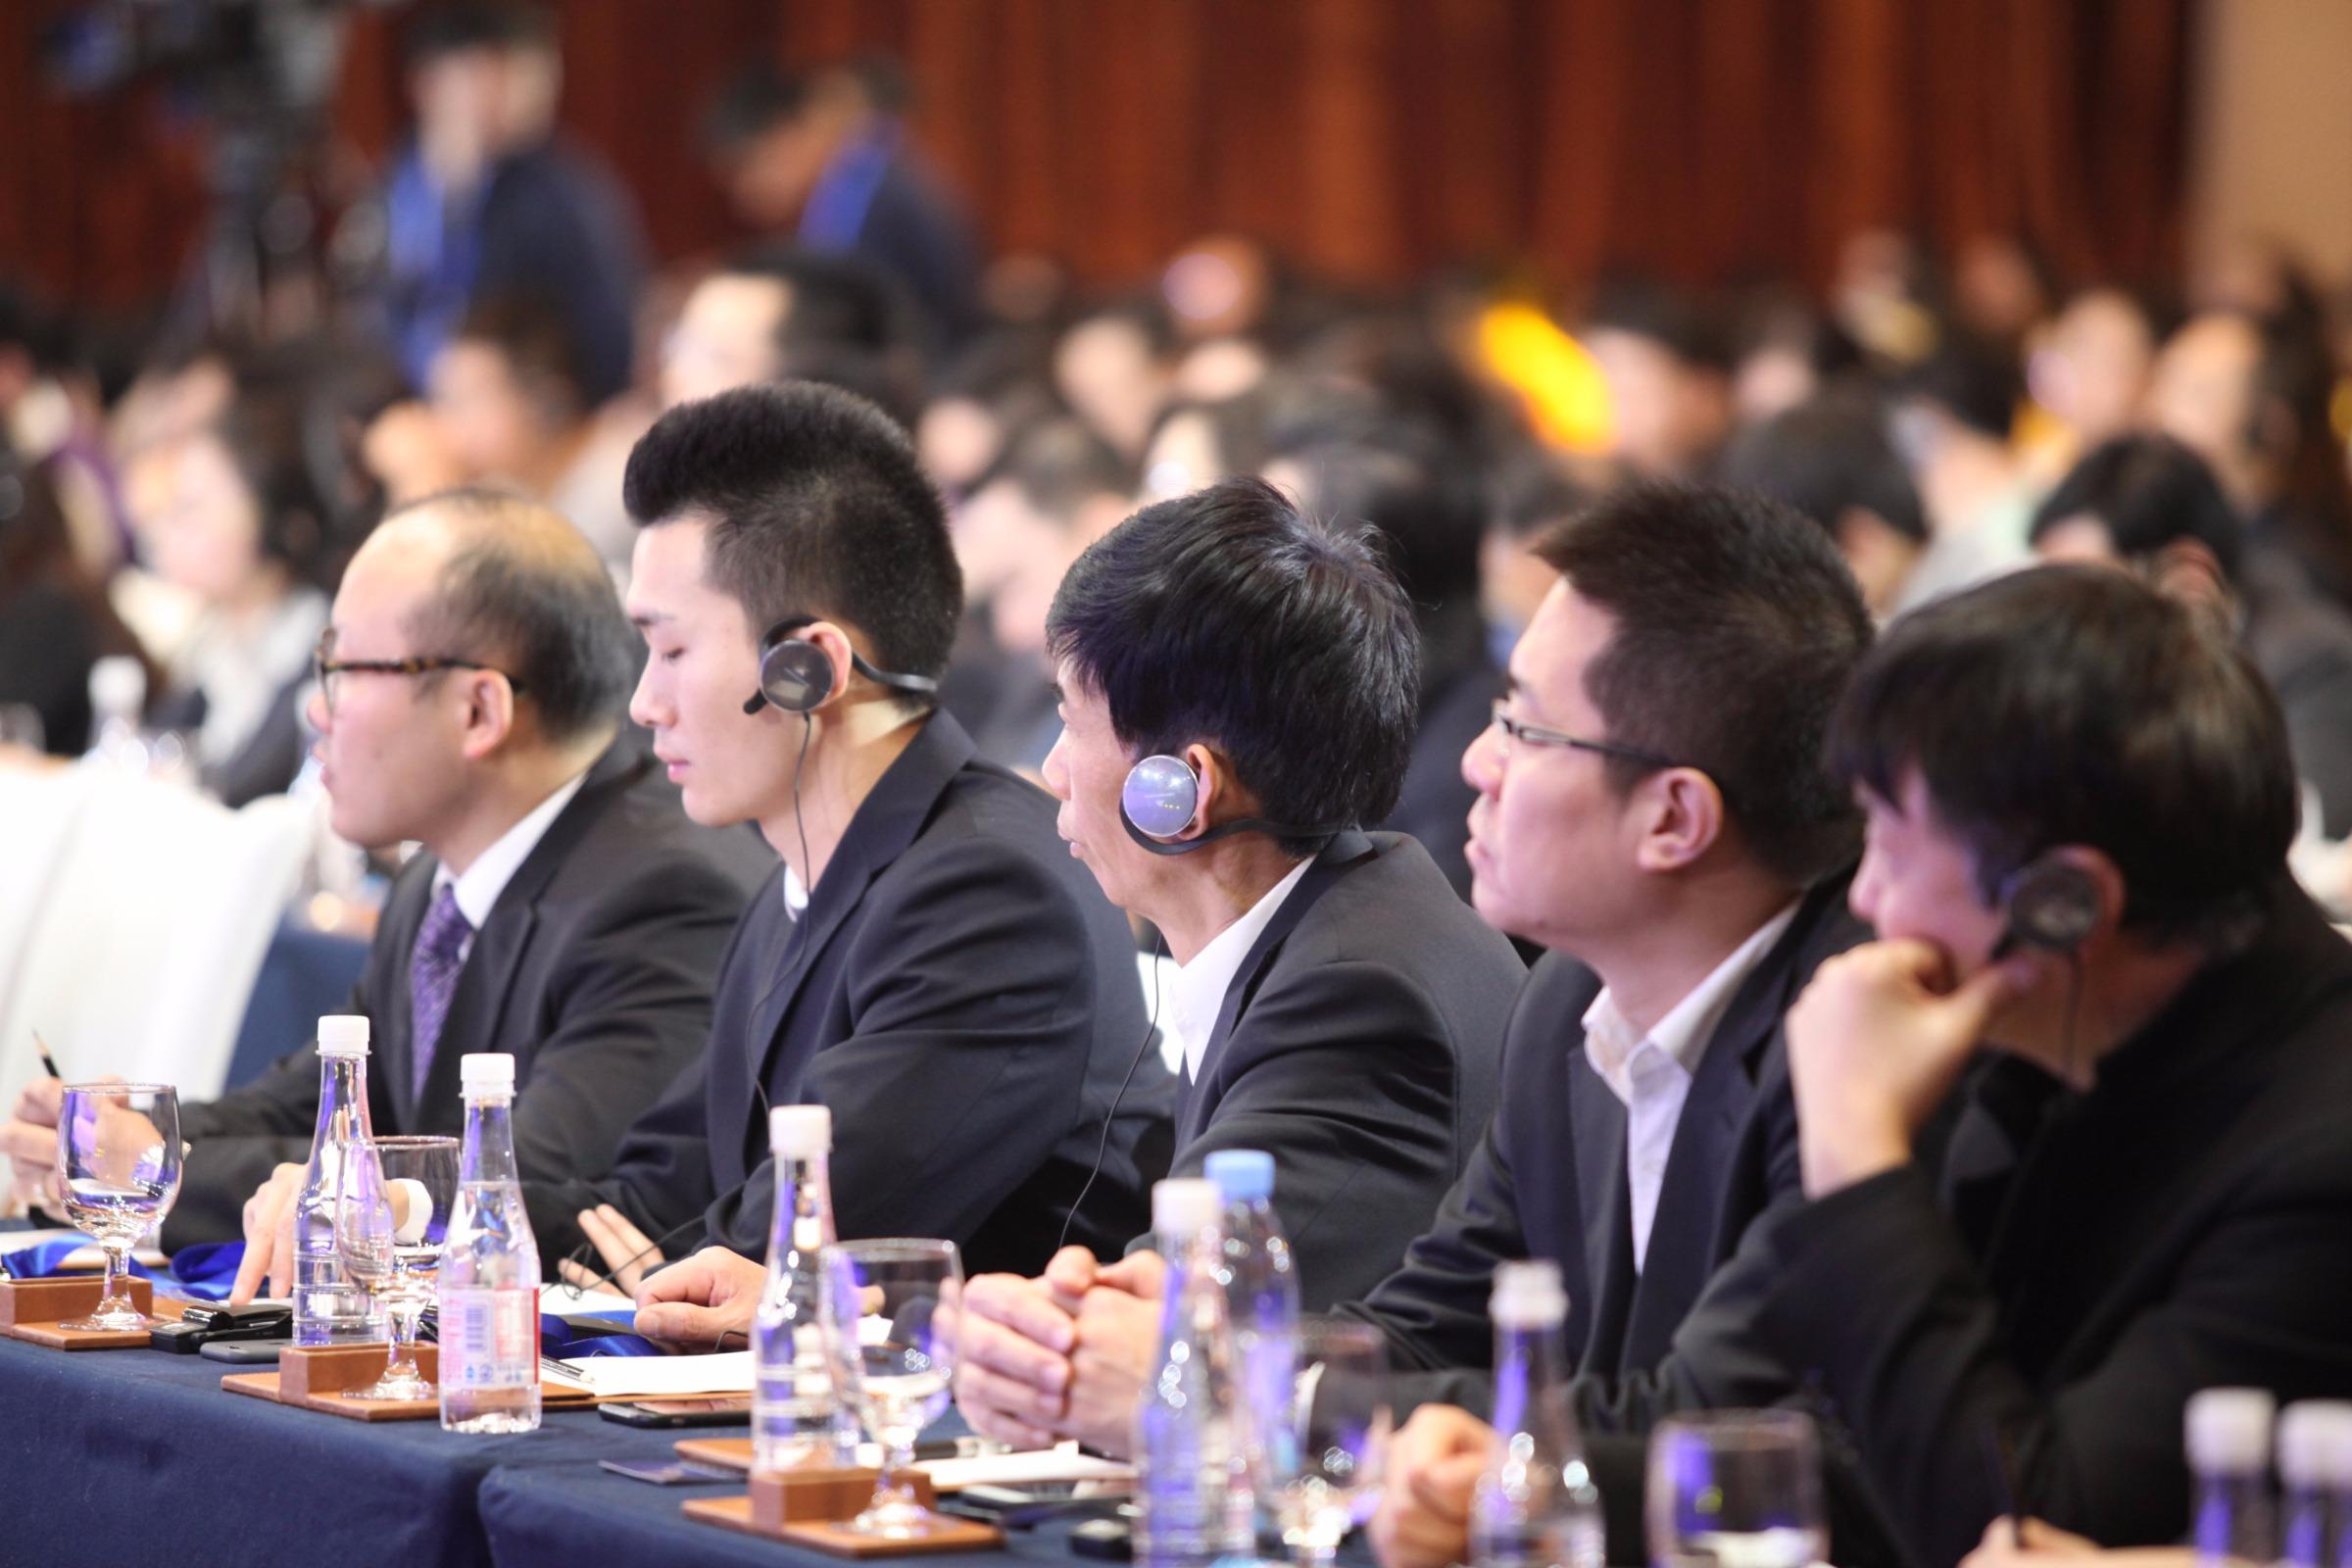 2016央视财经论坛暨中国上市公司峰会在京开幕